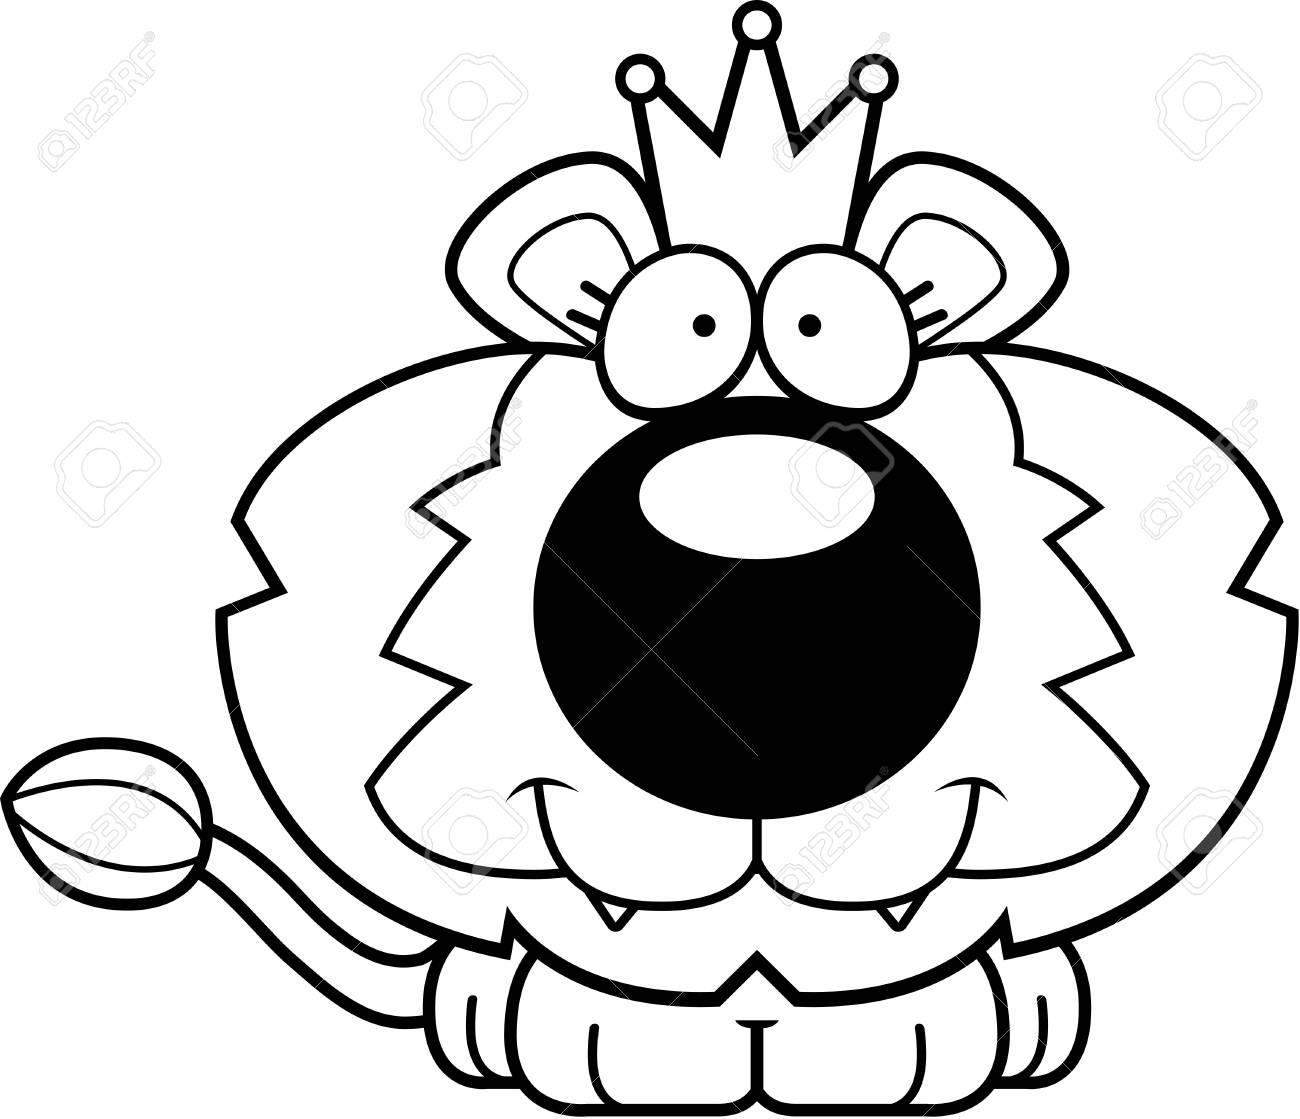 Una Ilustración De Dibujos Animados De Un Rey León Con Una Corona